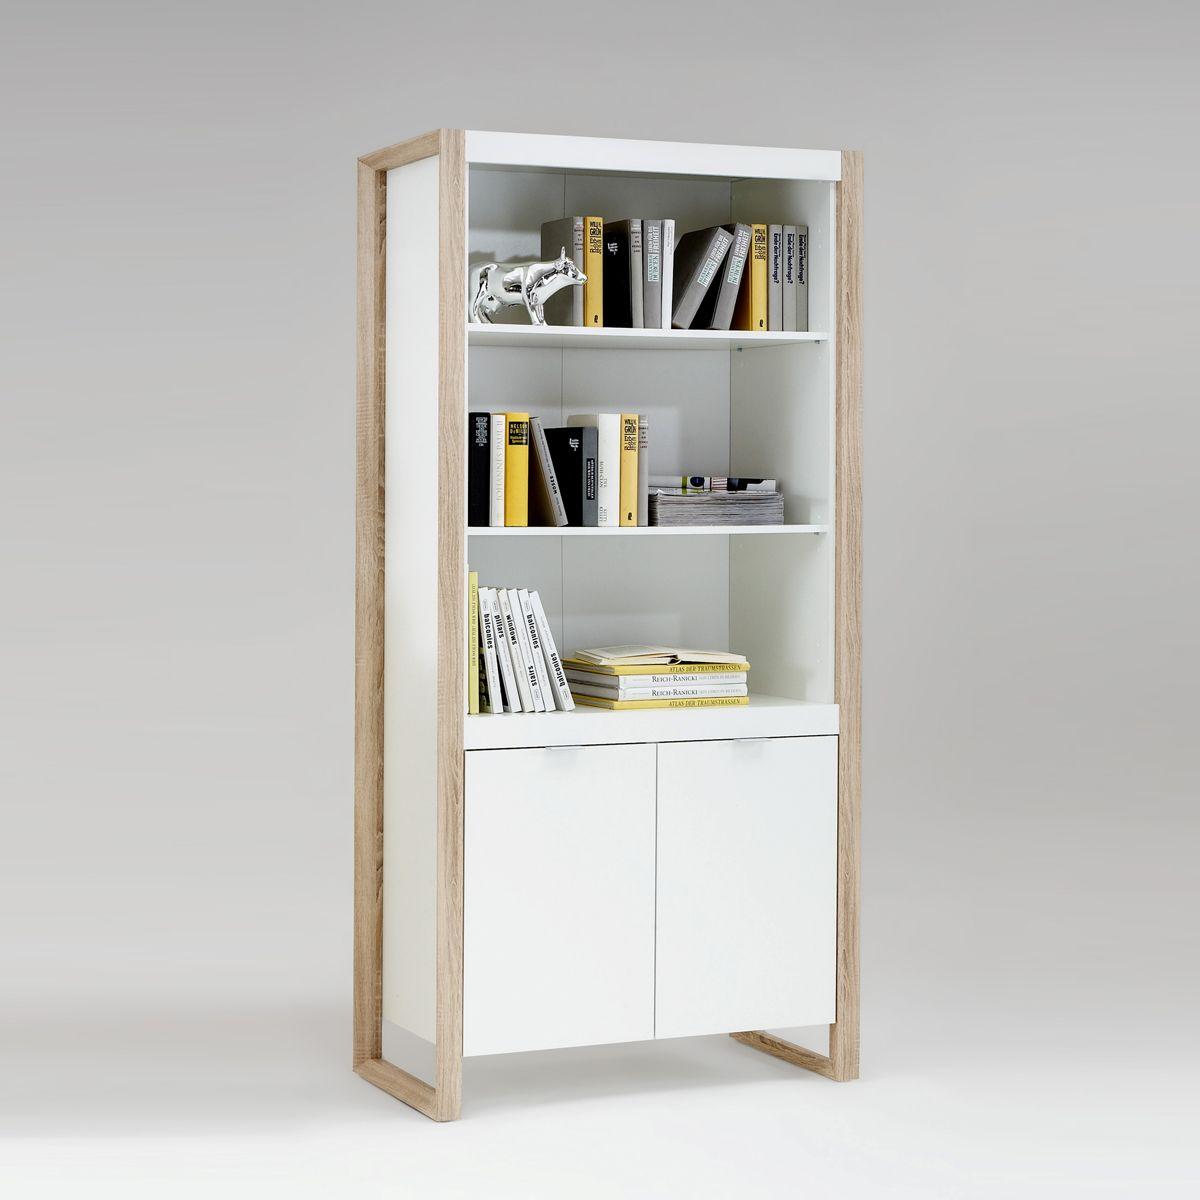 regalschrank bueroschrank frame regal schrank in weiss und buche stube fewo armoire frame. Black Bedroom Furniture Sets. Home Design Ideas